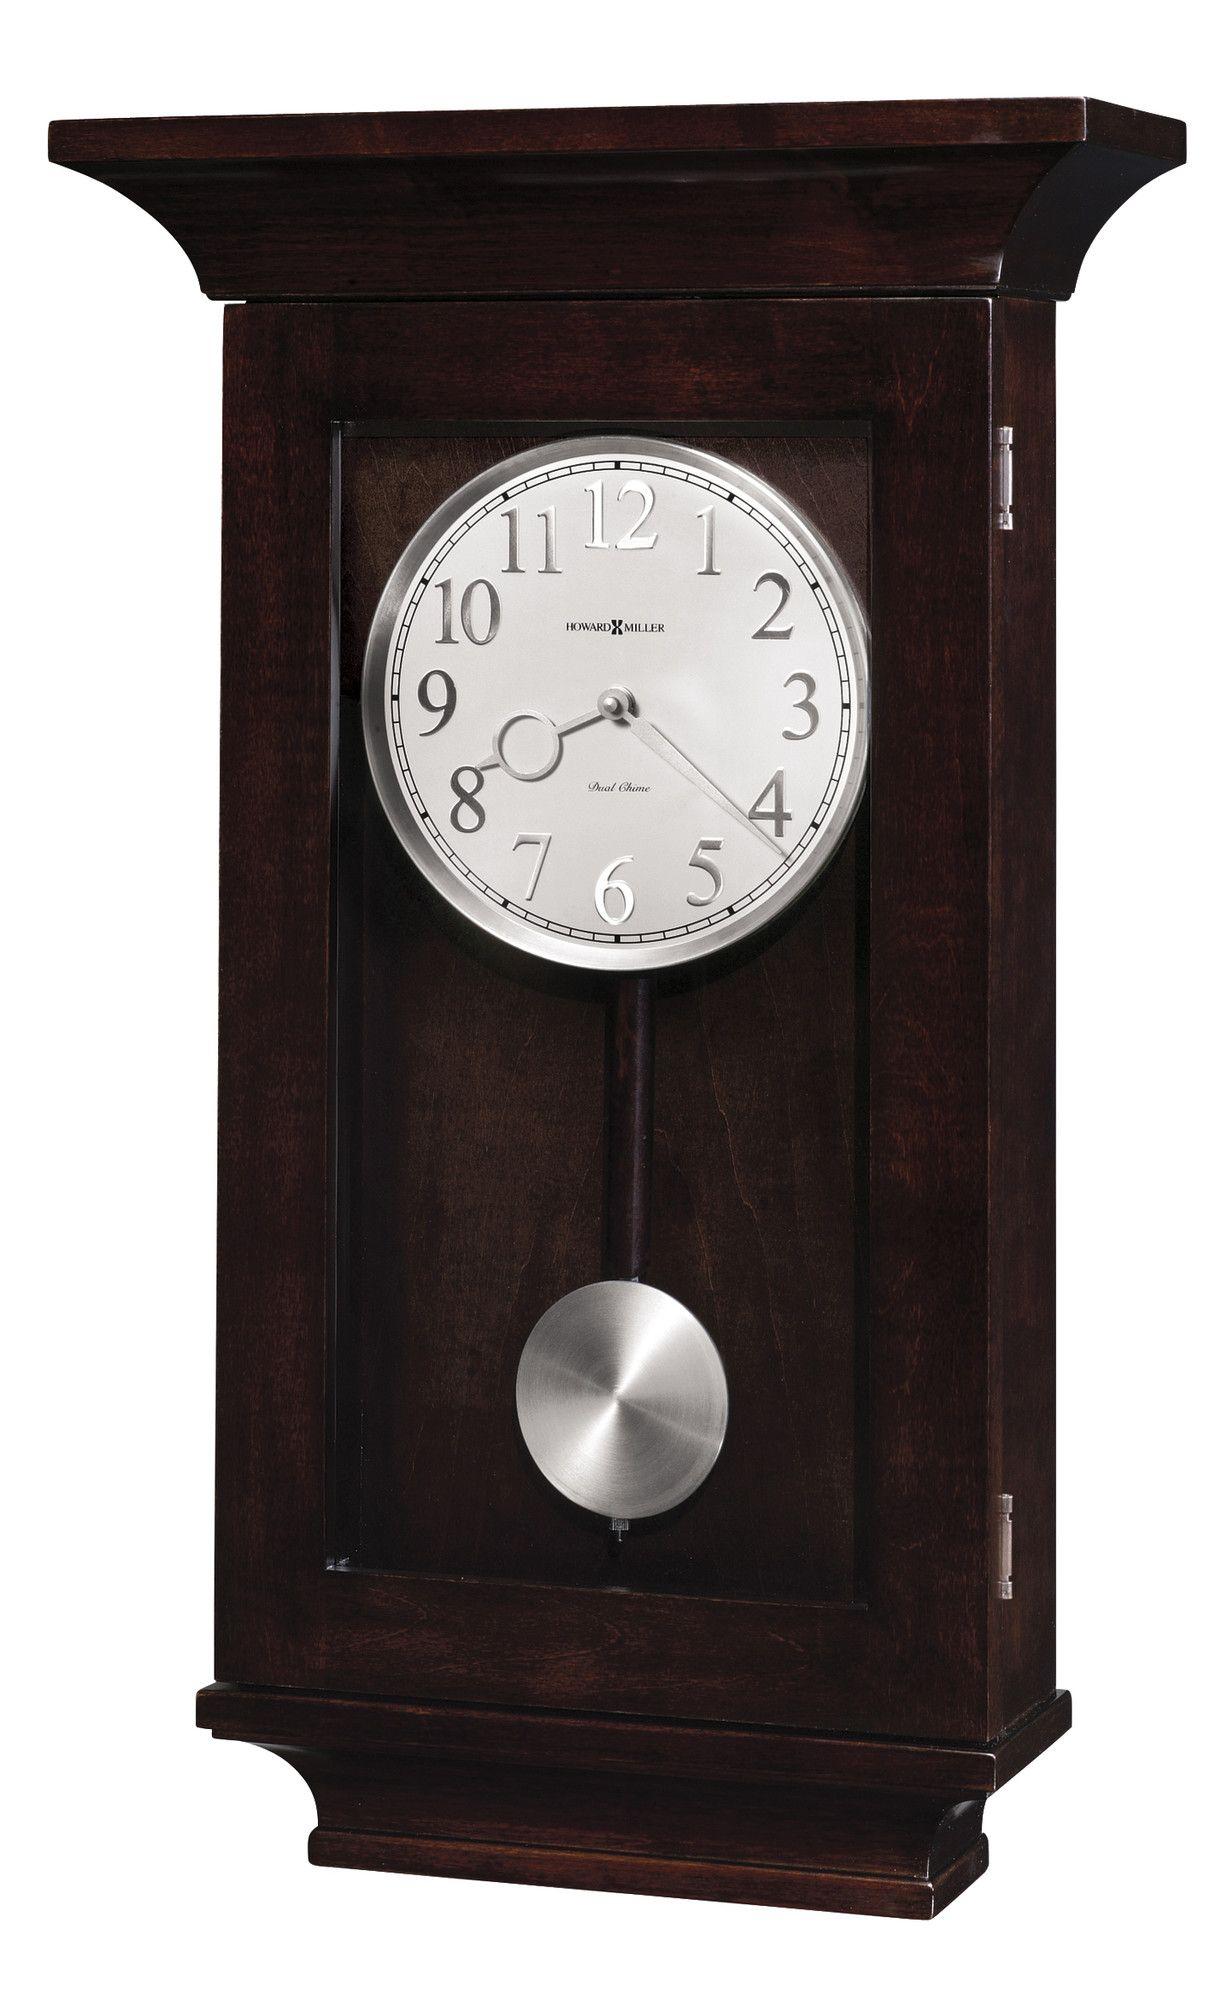 Chiming Quartz Wall Clock Antique Wall Clocks Chiming Wall Clocks Contemporary Wall Clock